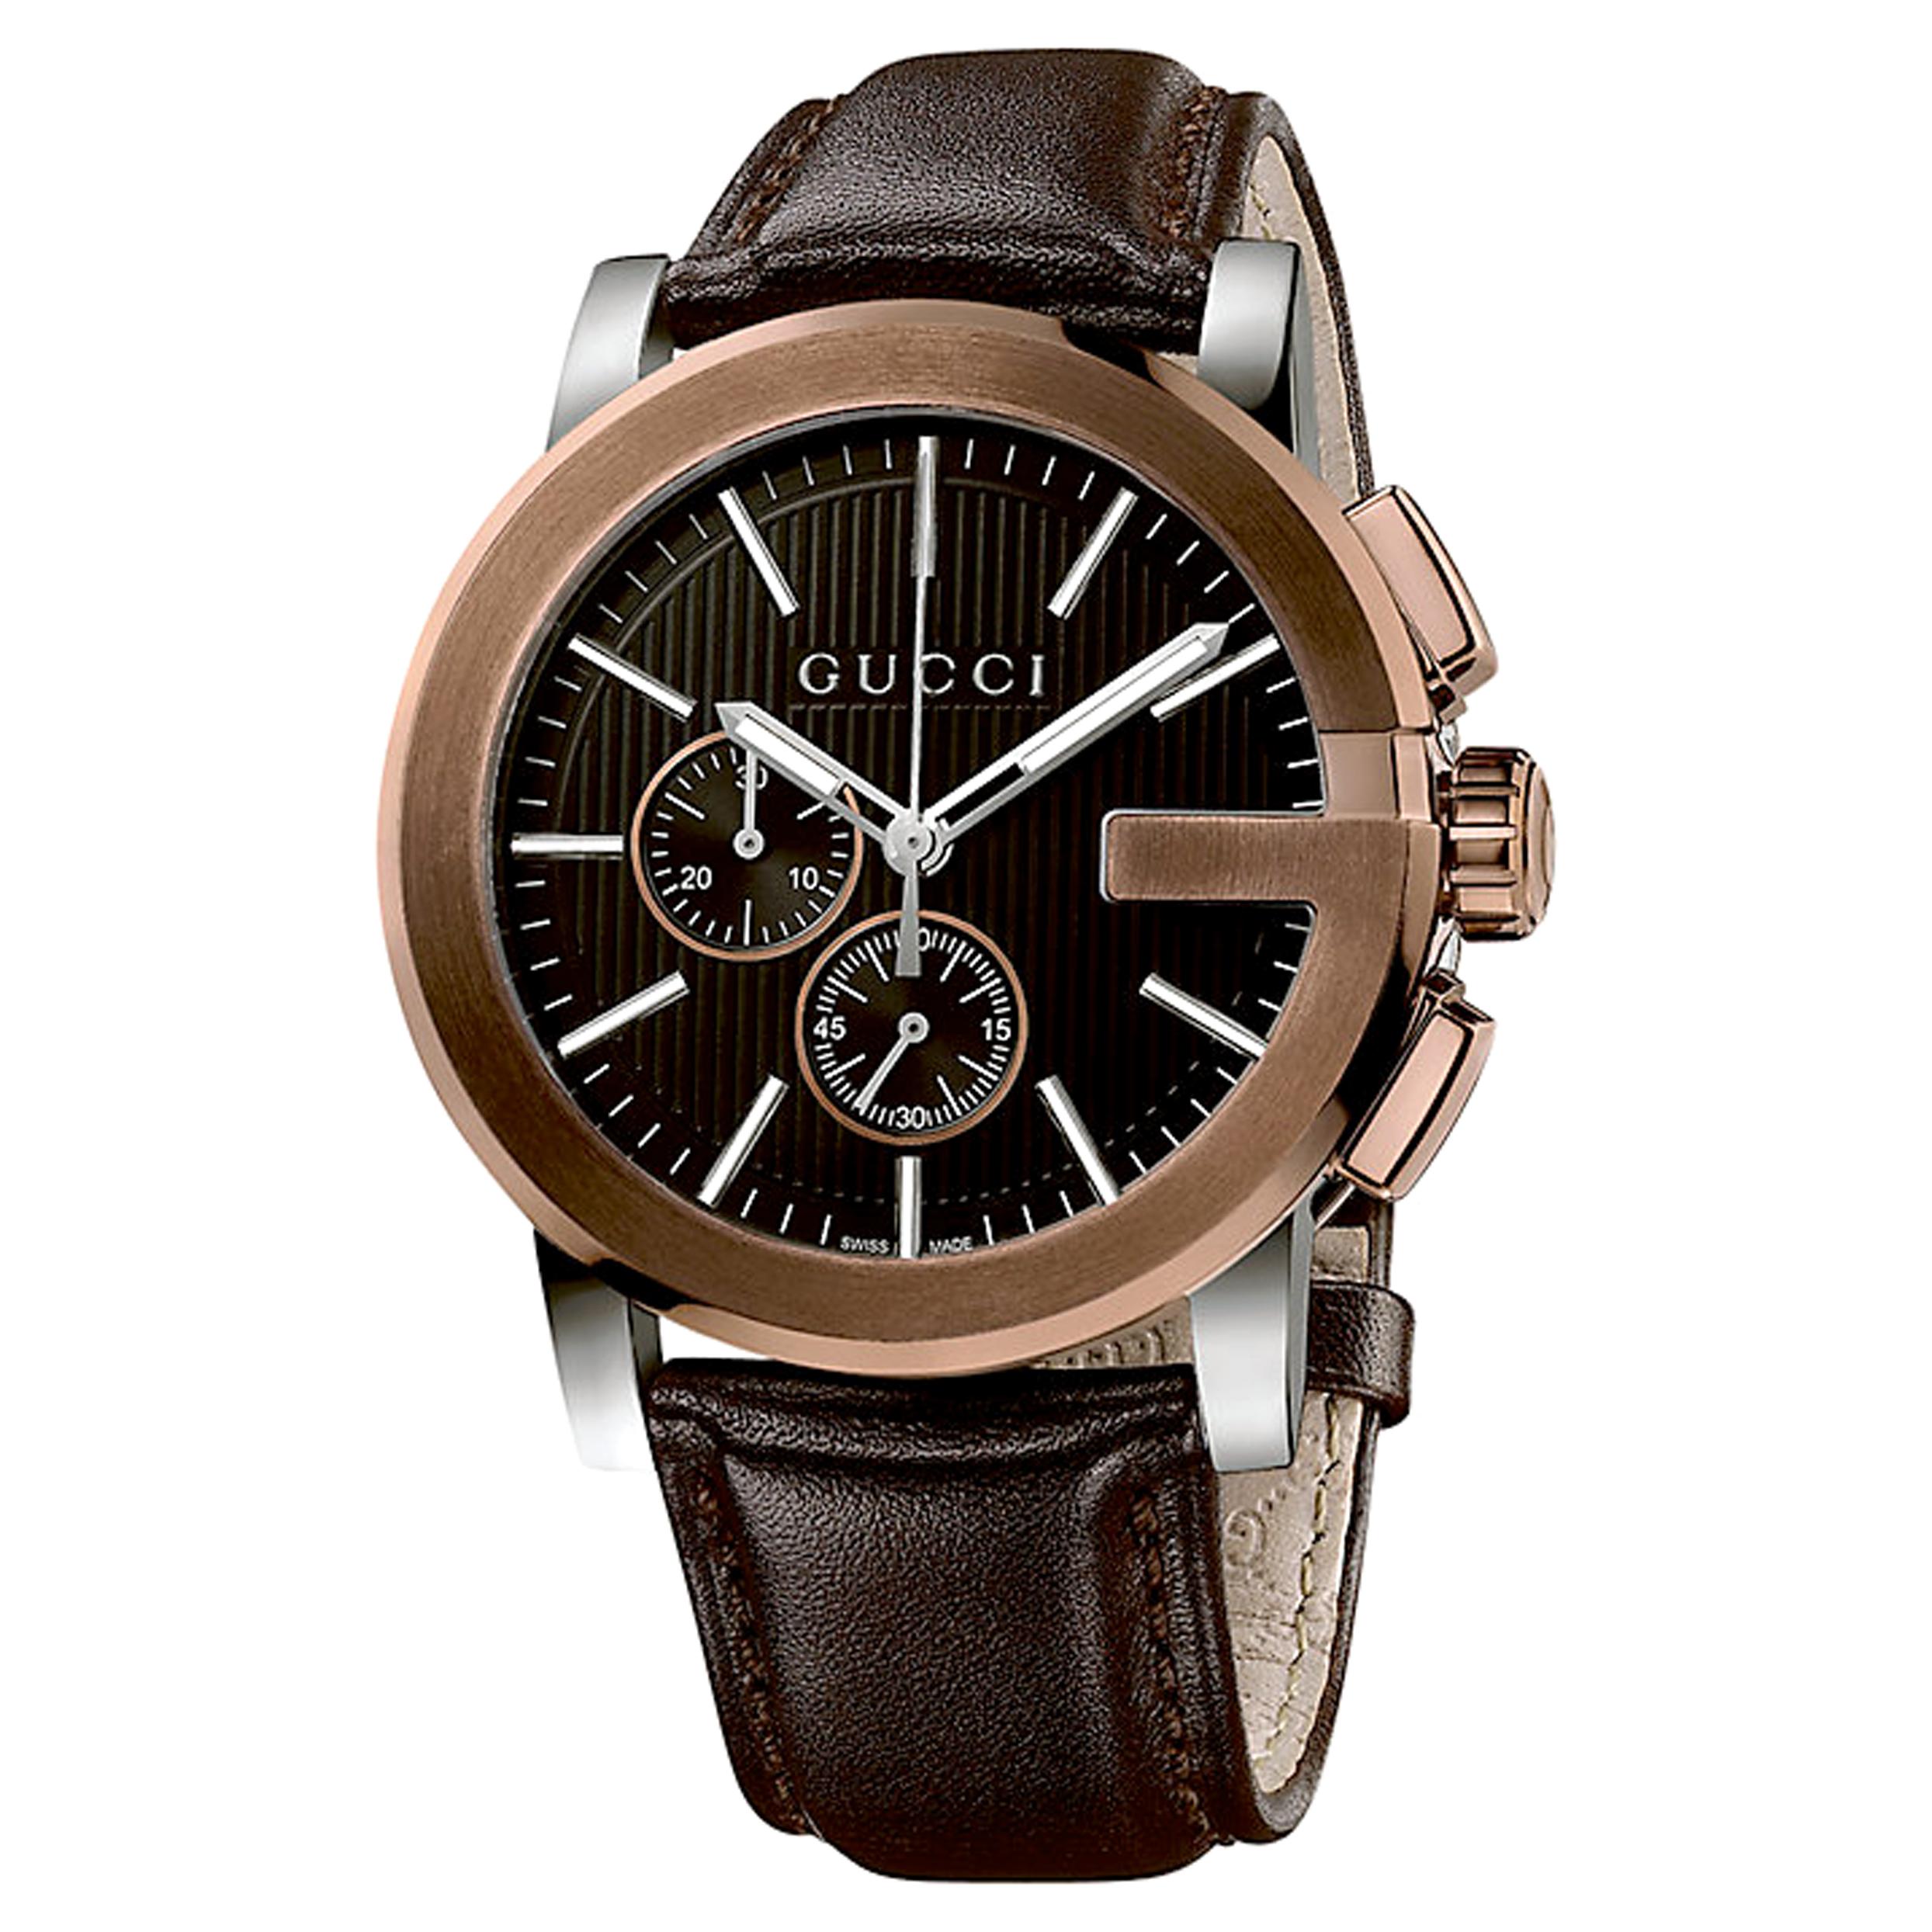 Gents Gucci G-Chrono Chronograph Watch (YA101202)  f95ff12550